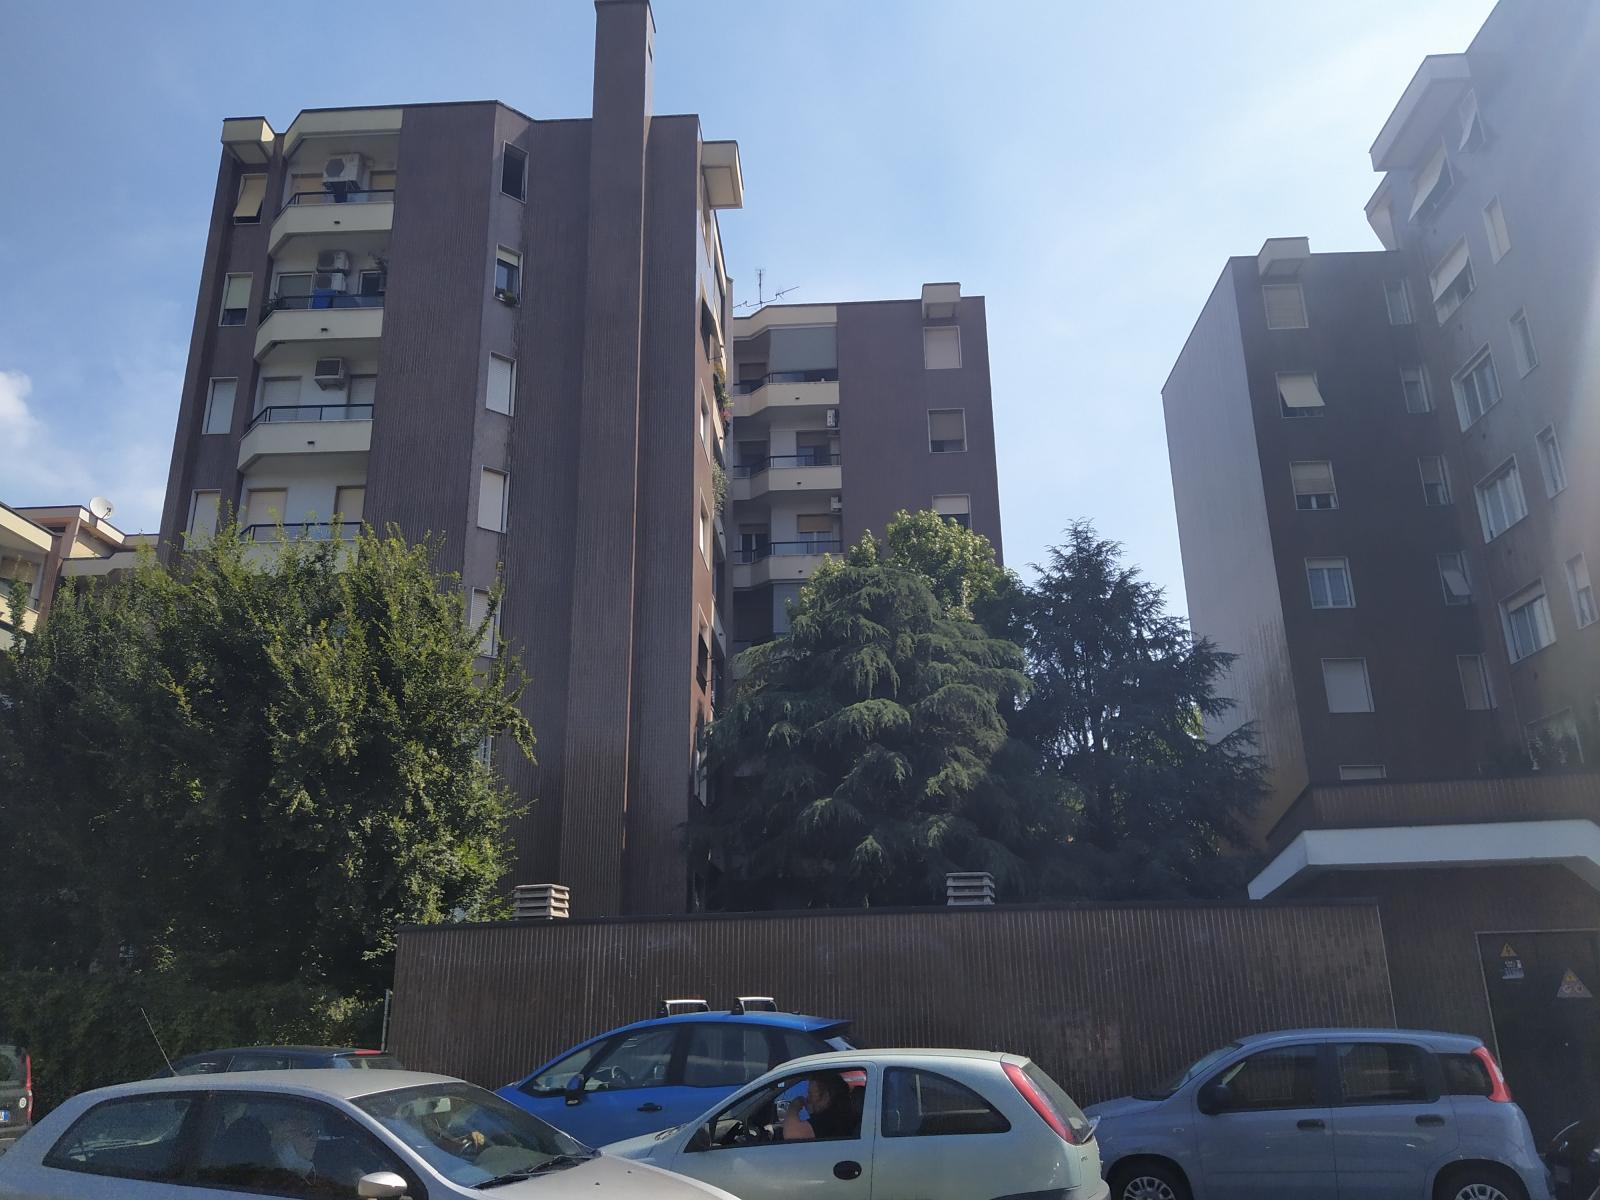 milano-tre-locali-via-val-dintelvi-con-box-casa-in-vendita-spaziourbanoimmobiliare-dove-trovi-casa-1